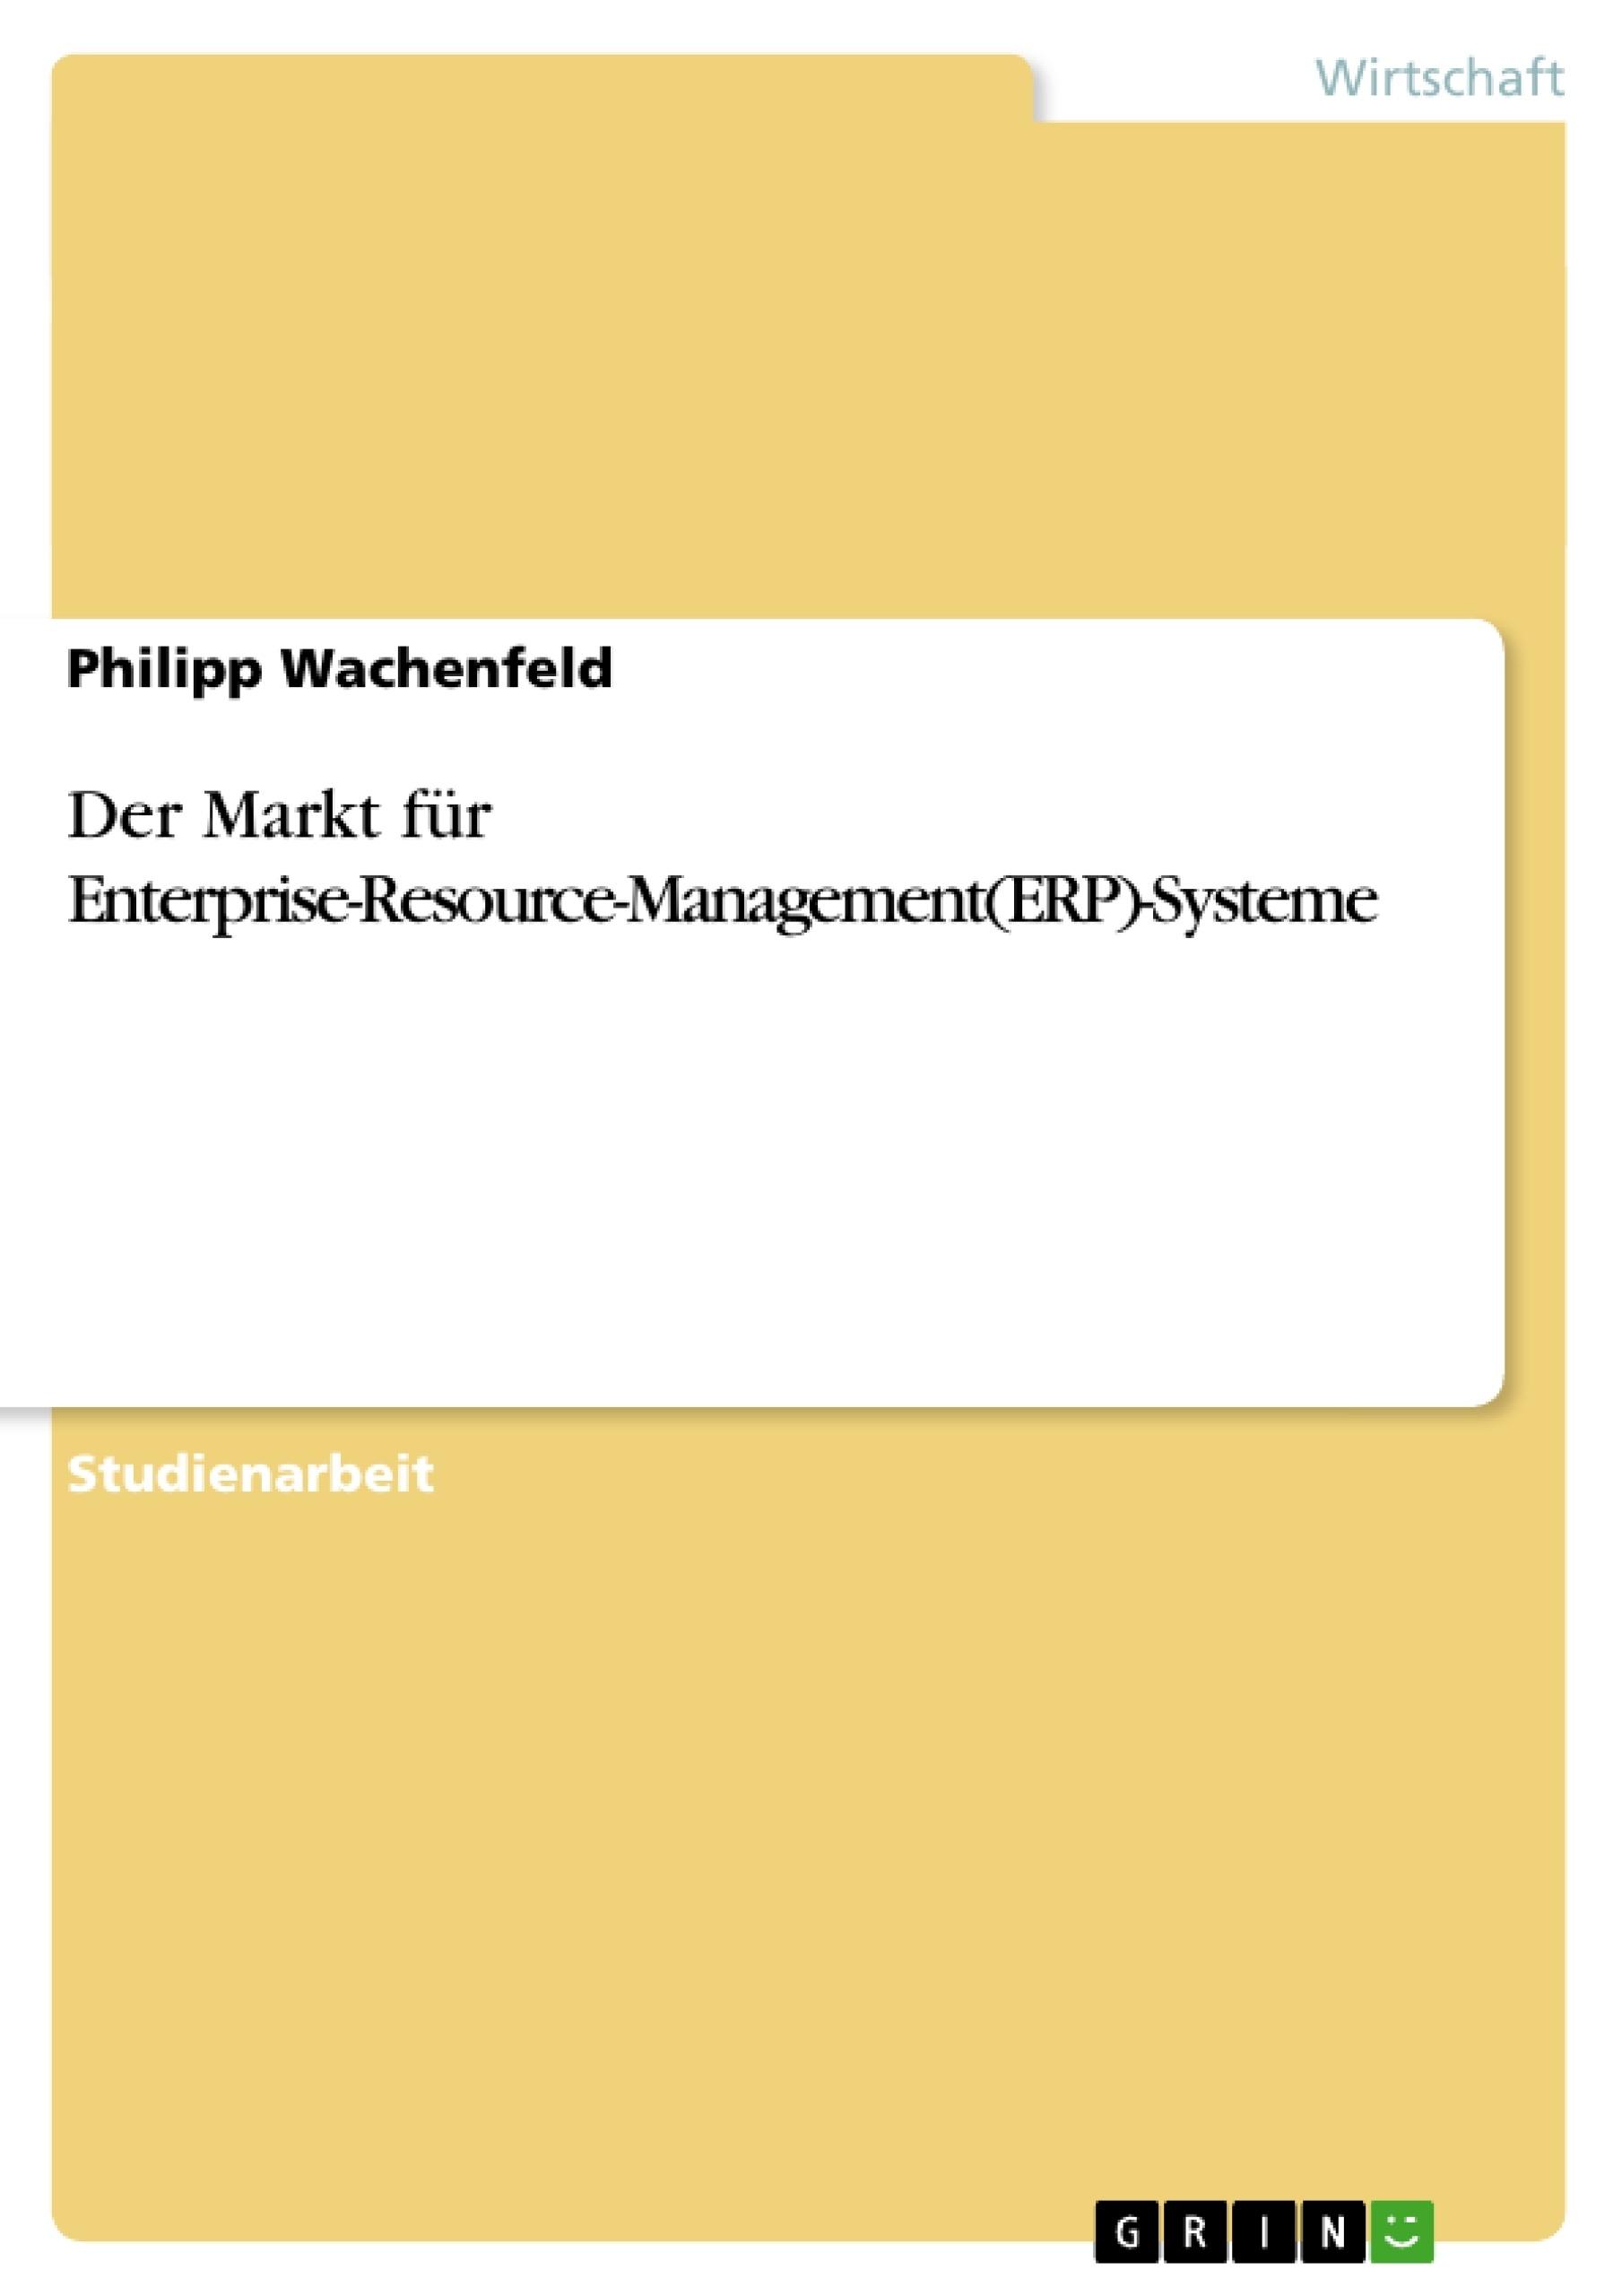 Titel: Der Markt für Enterprise-Resource-Management(ERP)-Systeme